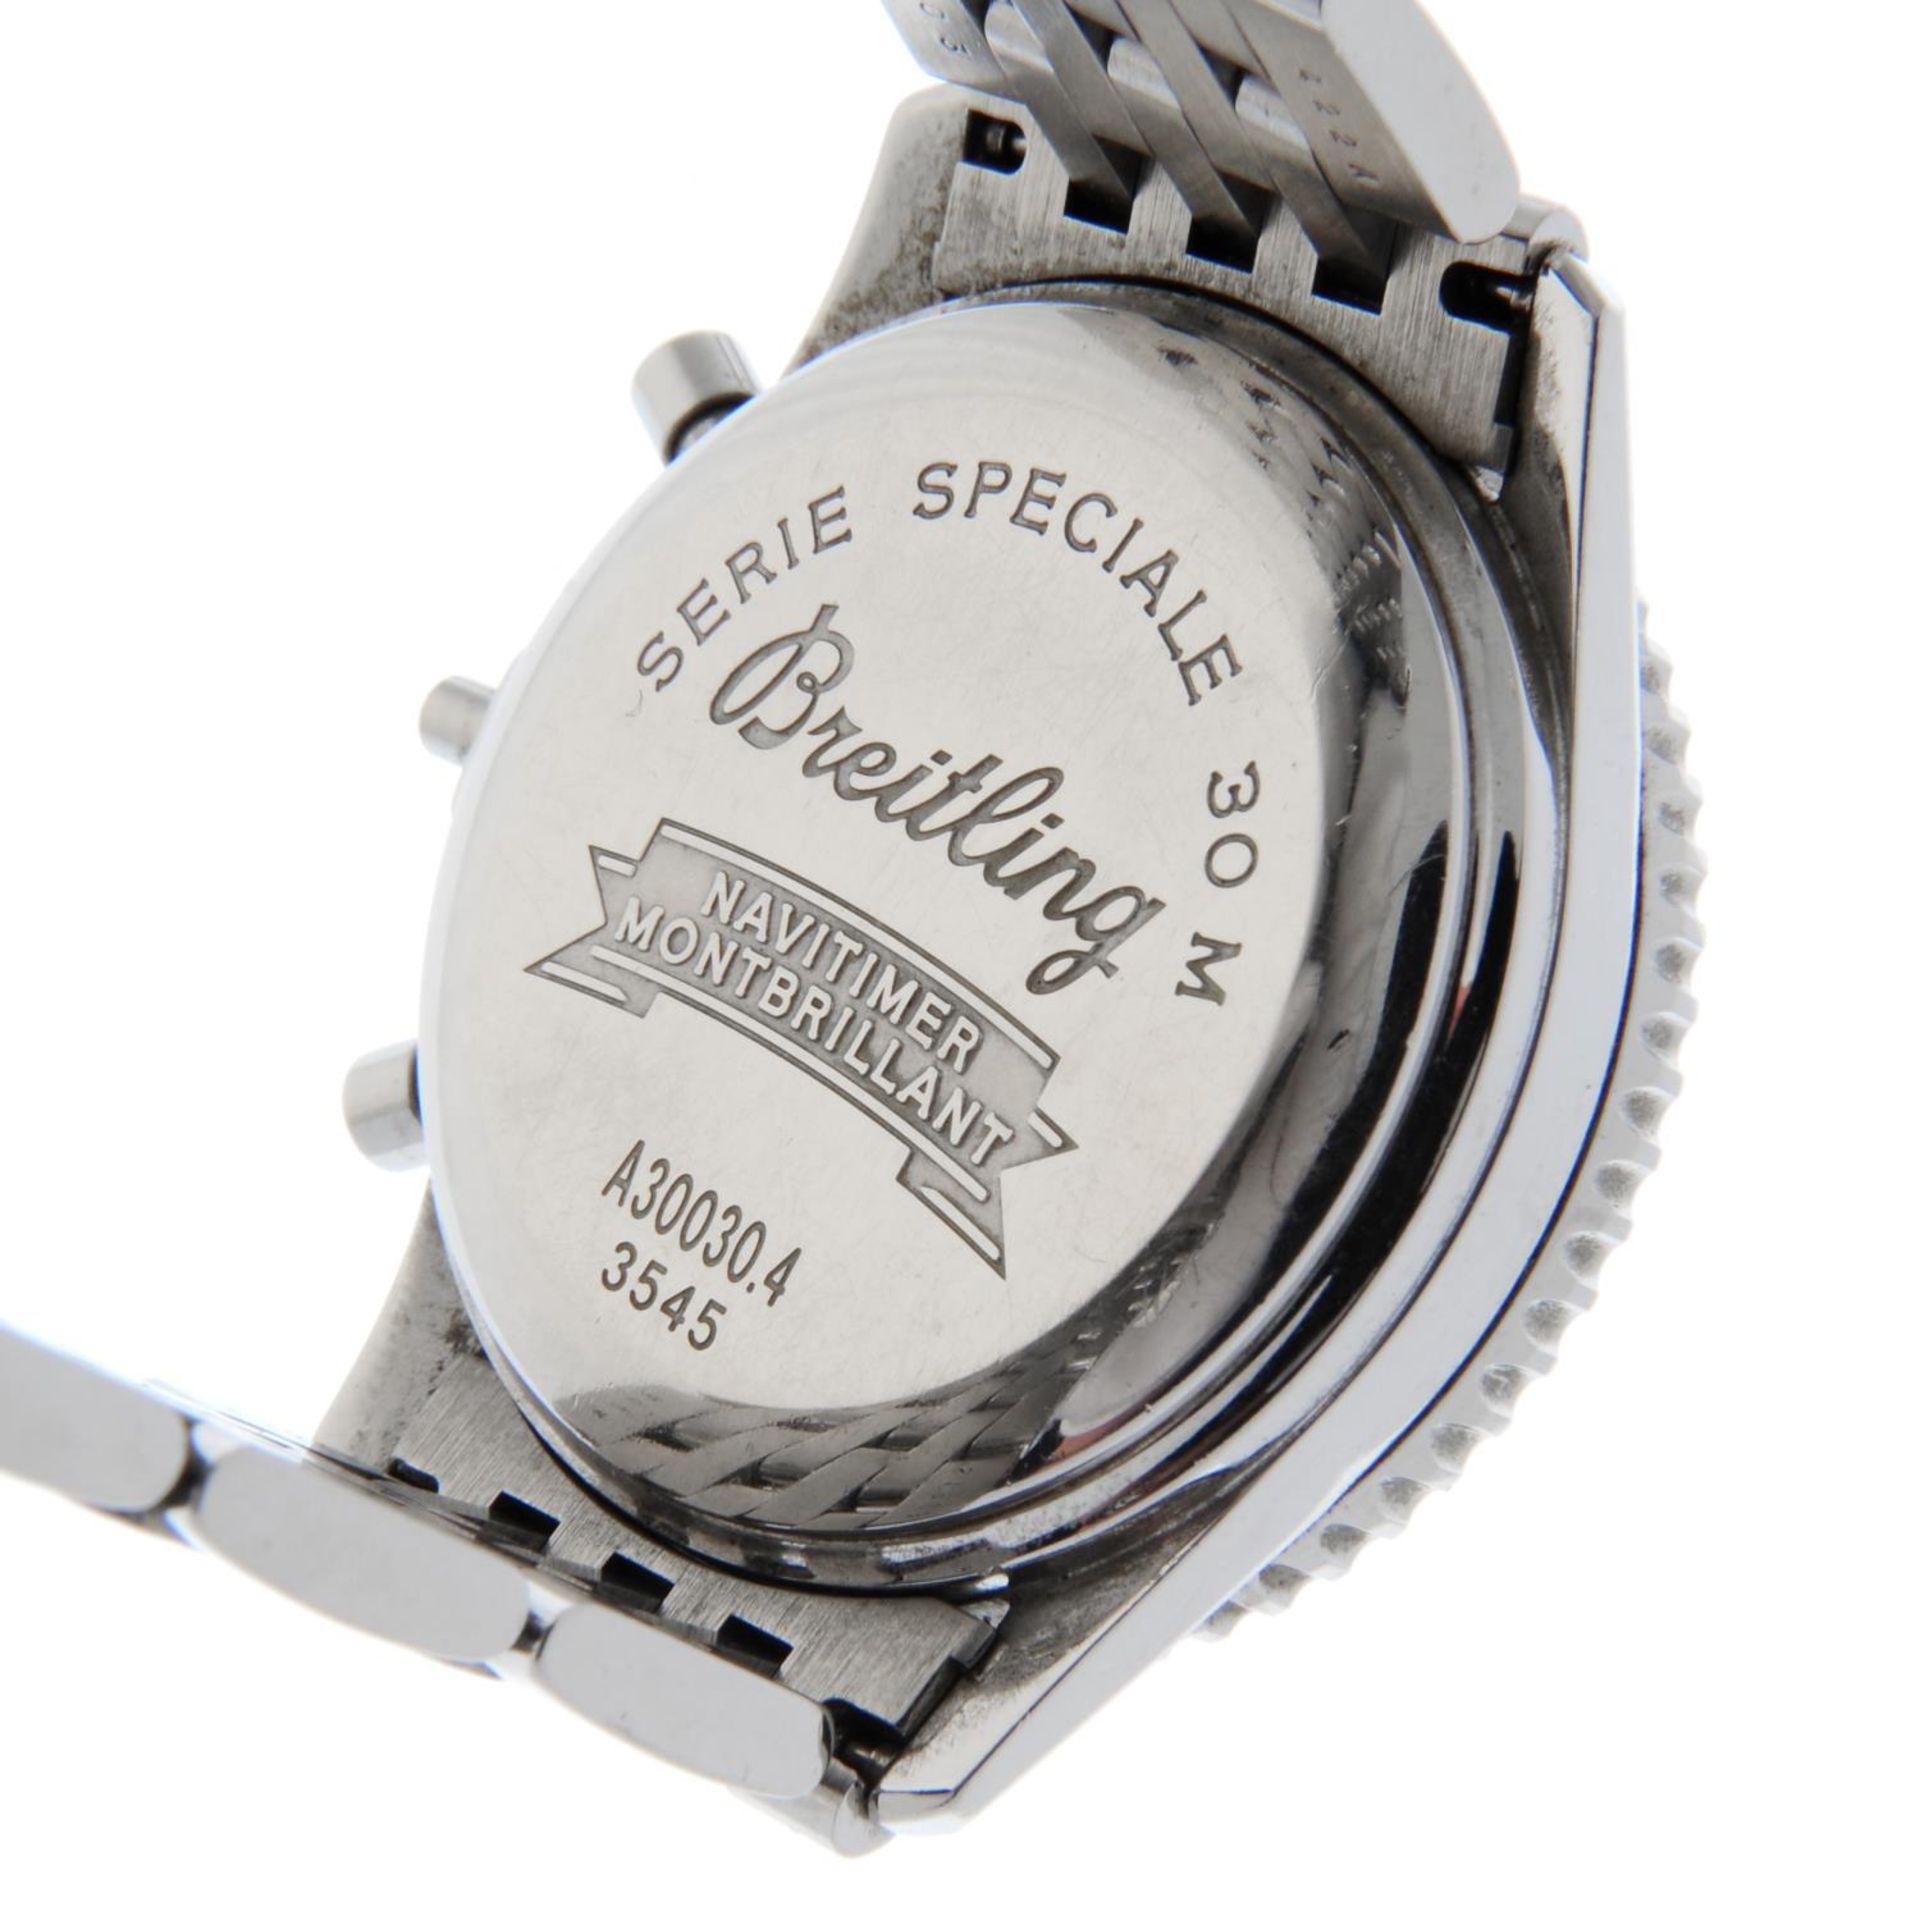 BREITLING - a Navitimer Montbrilliant bracelet watch. - Bild 5 aus 5